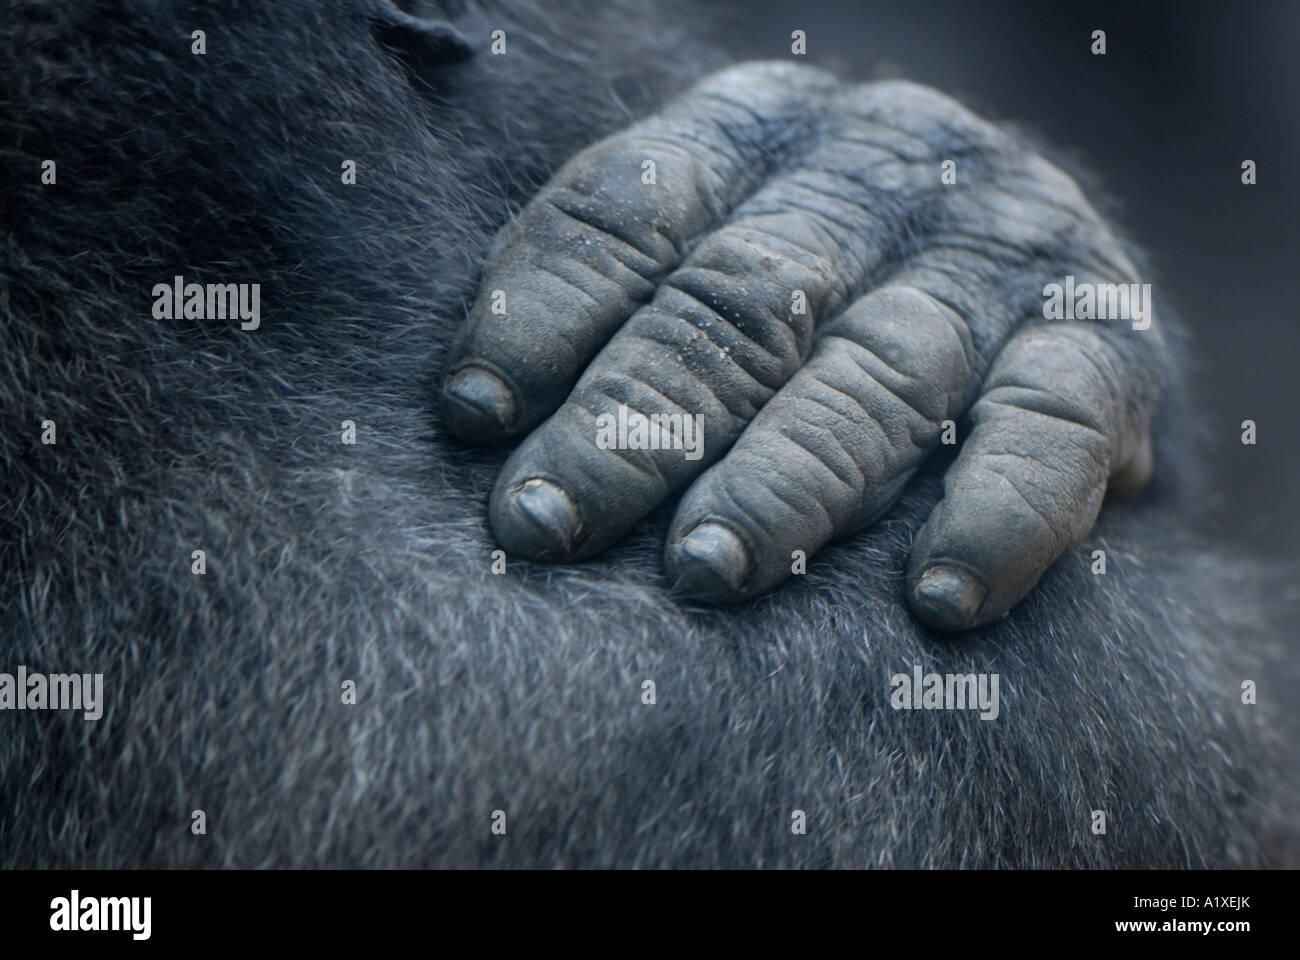 Mano de gorila Imagen De Stock